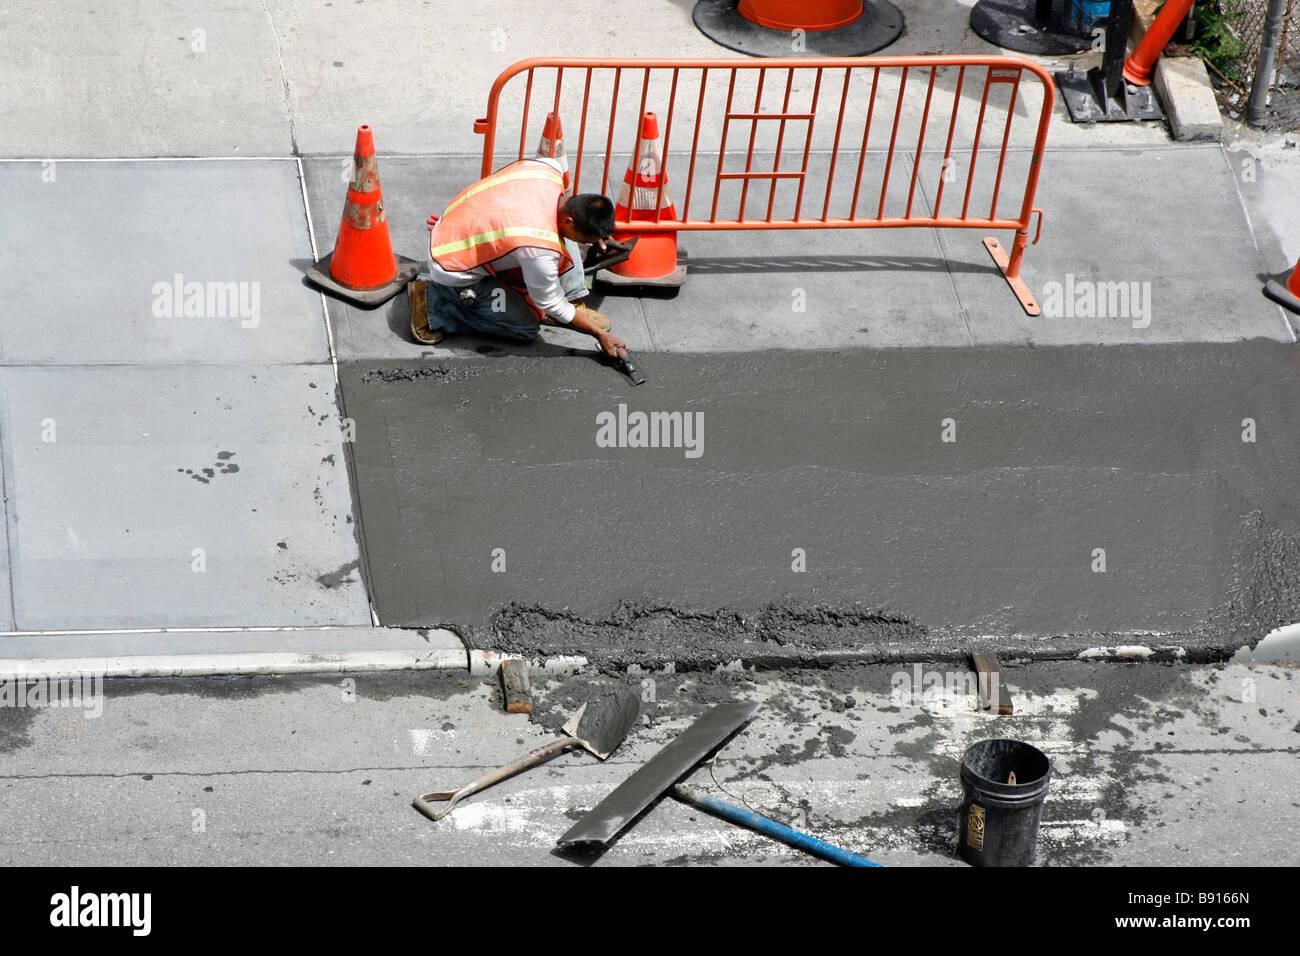 L'uomo una levigatura appena spillata calcestruzzo bagnato il marciapiede. Foto Stock